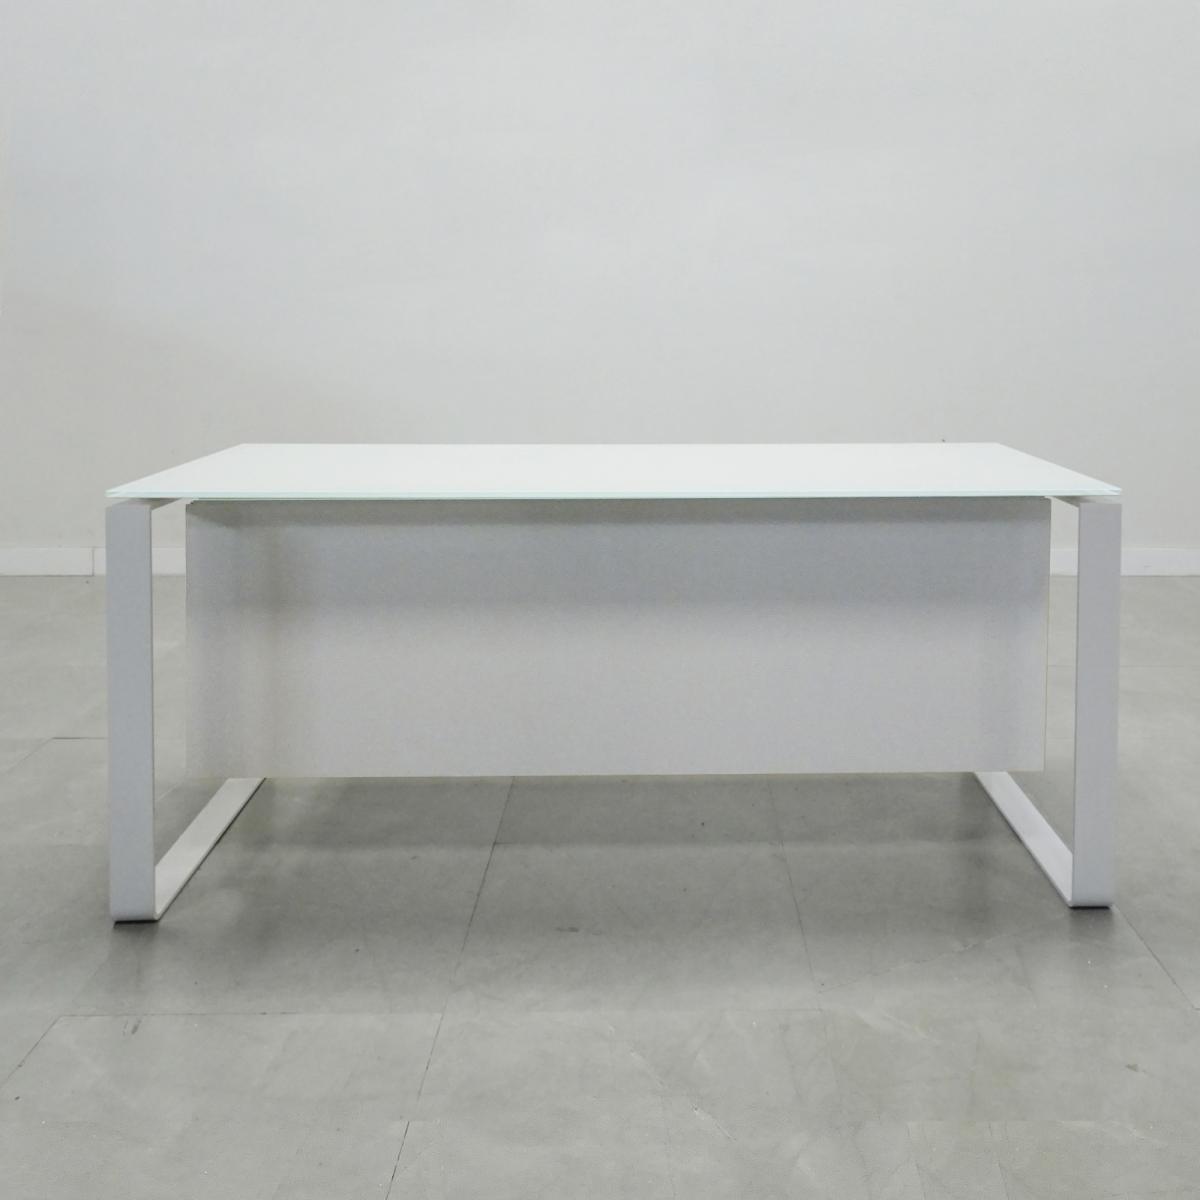 72 In. Aspen white frame white Glass Top Desk